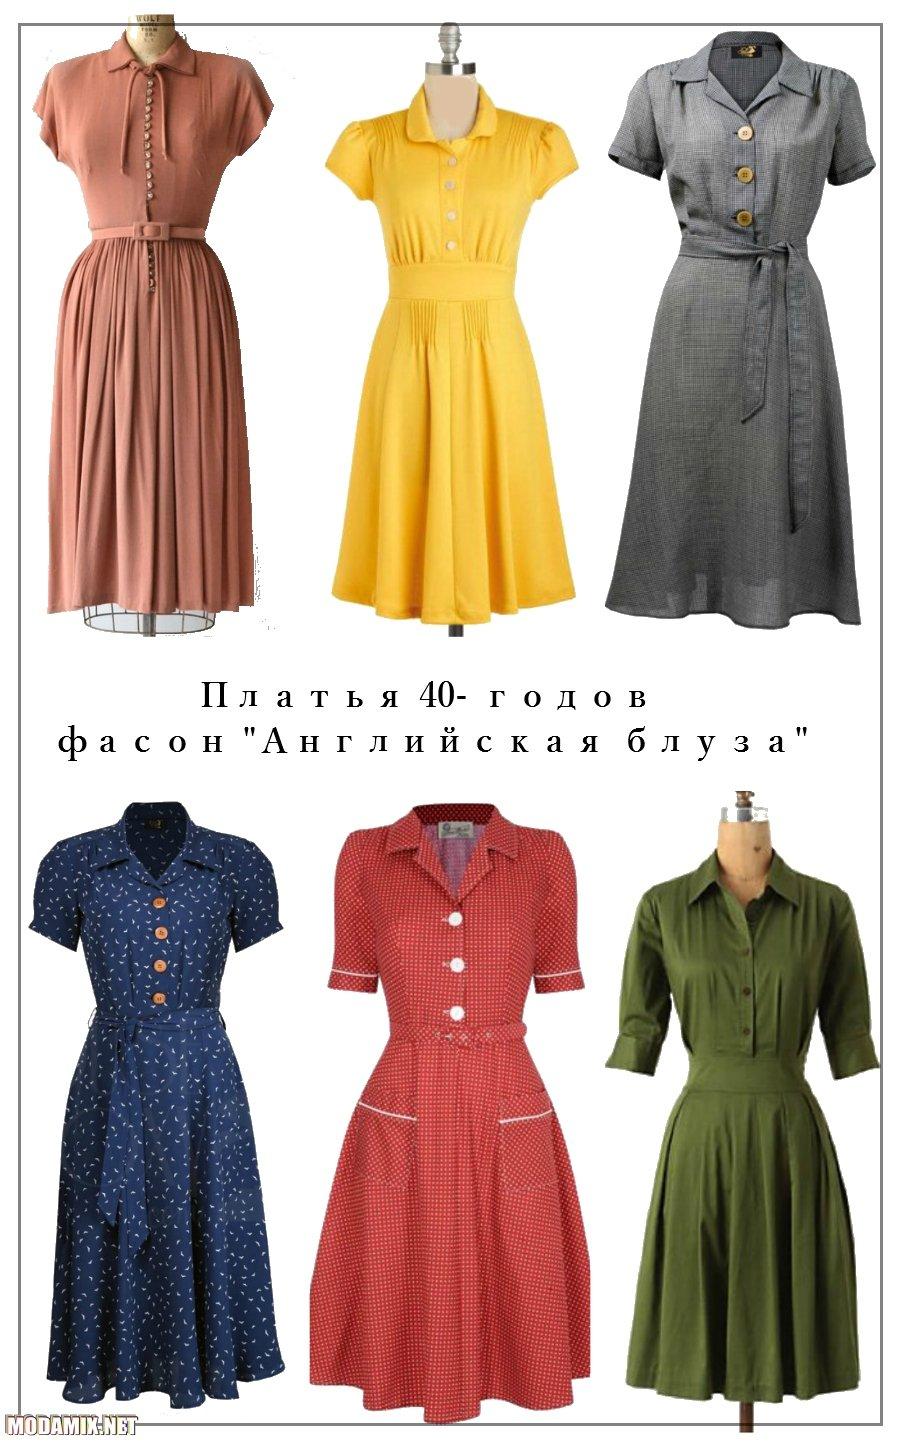 Фото платьев 40-х годов в английском стиле